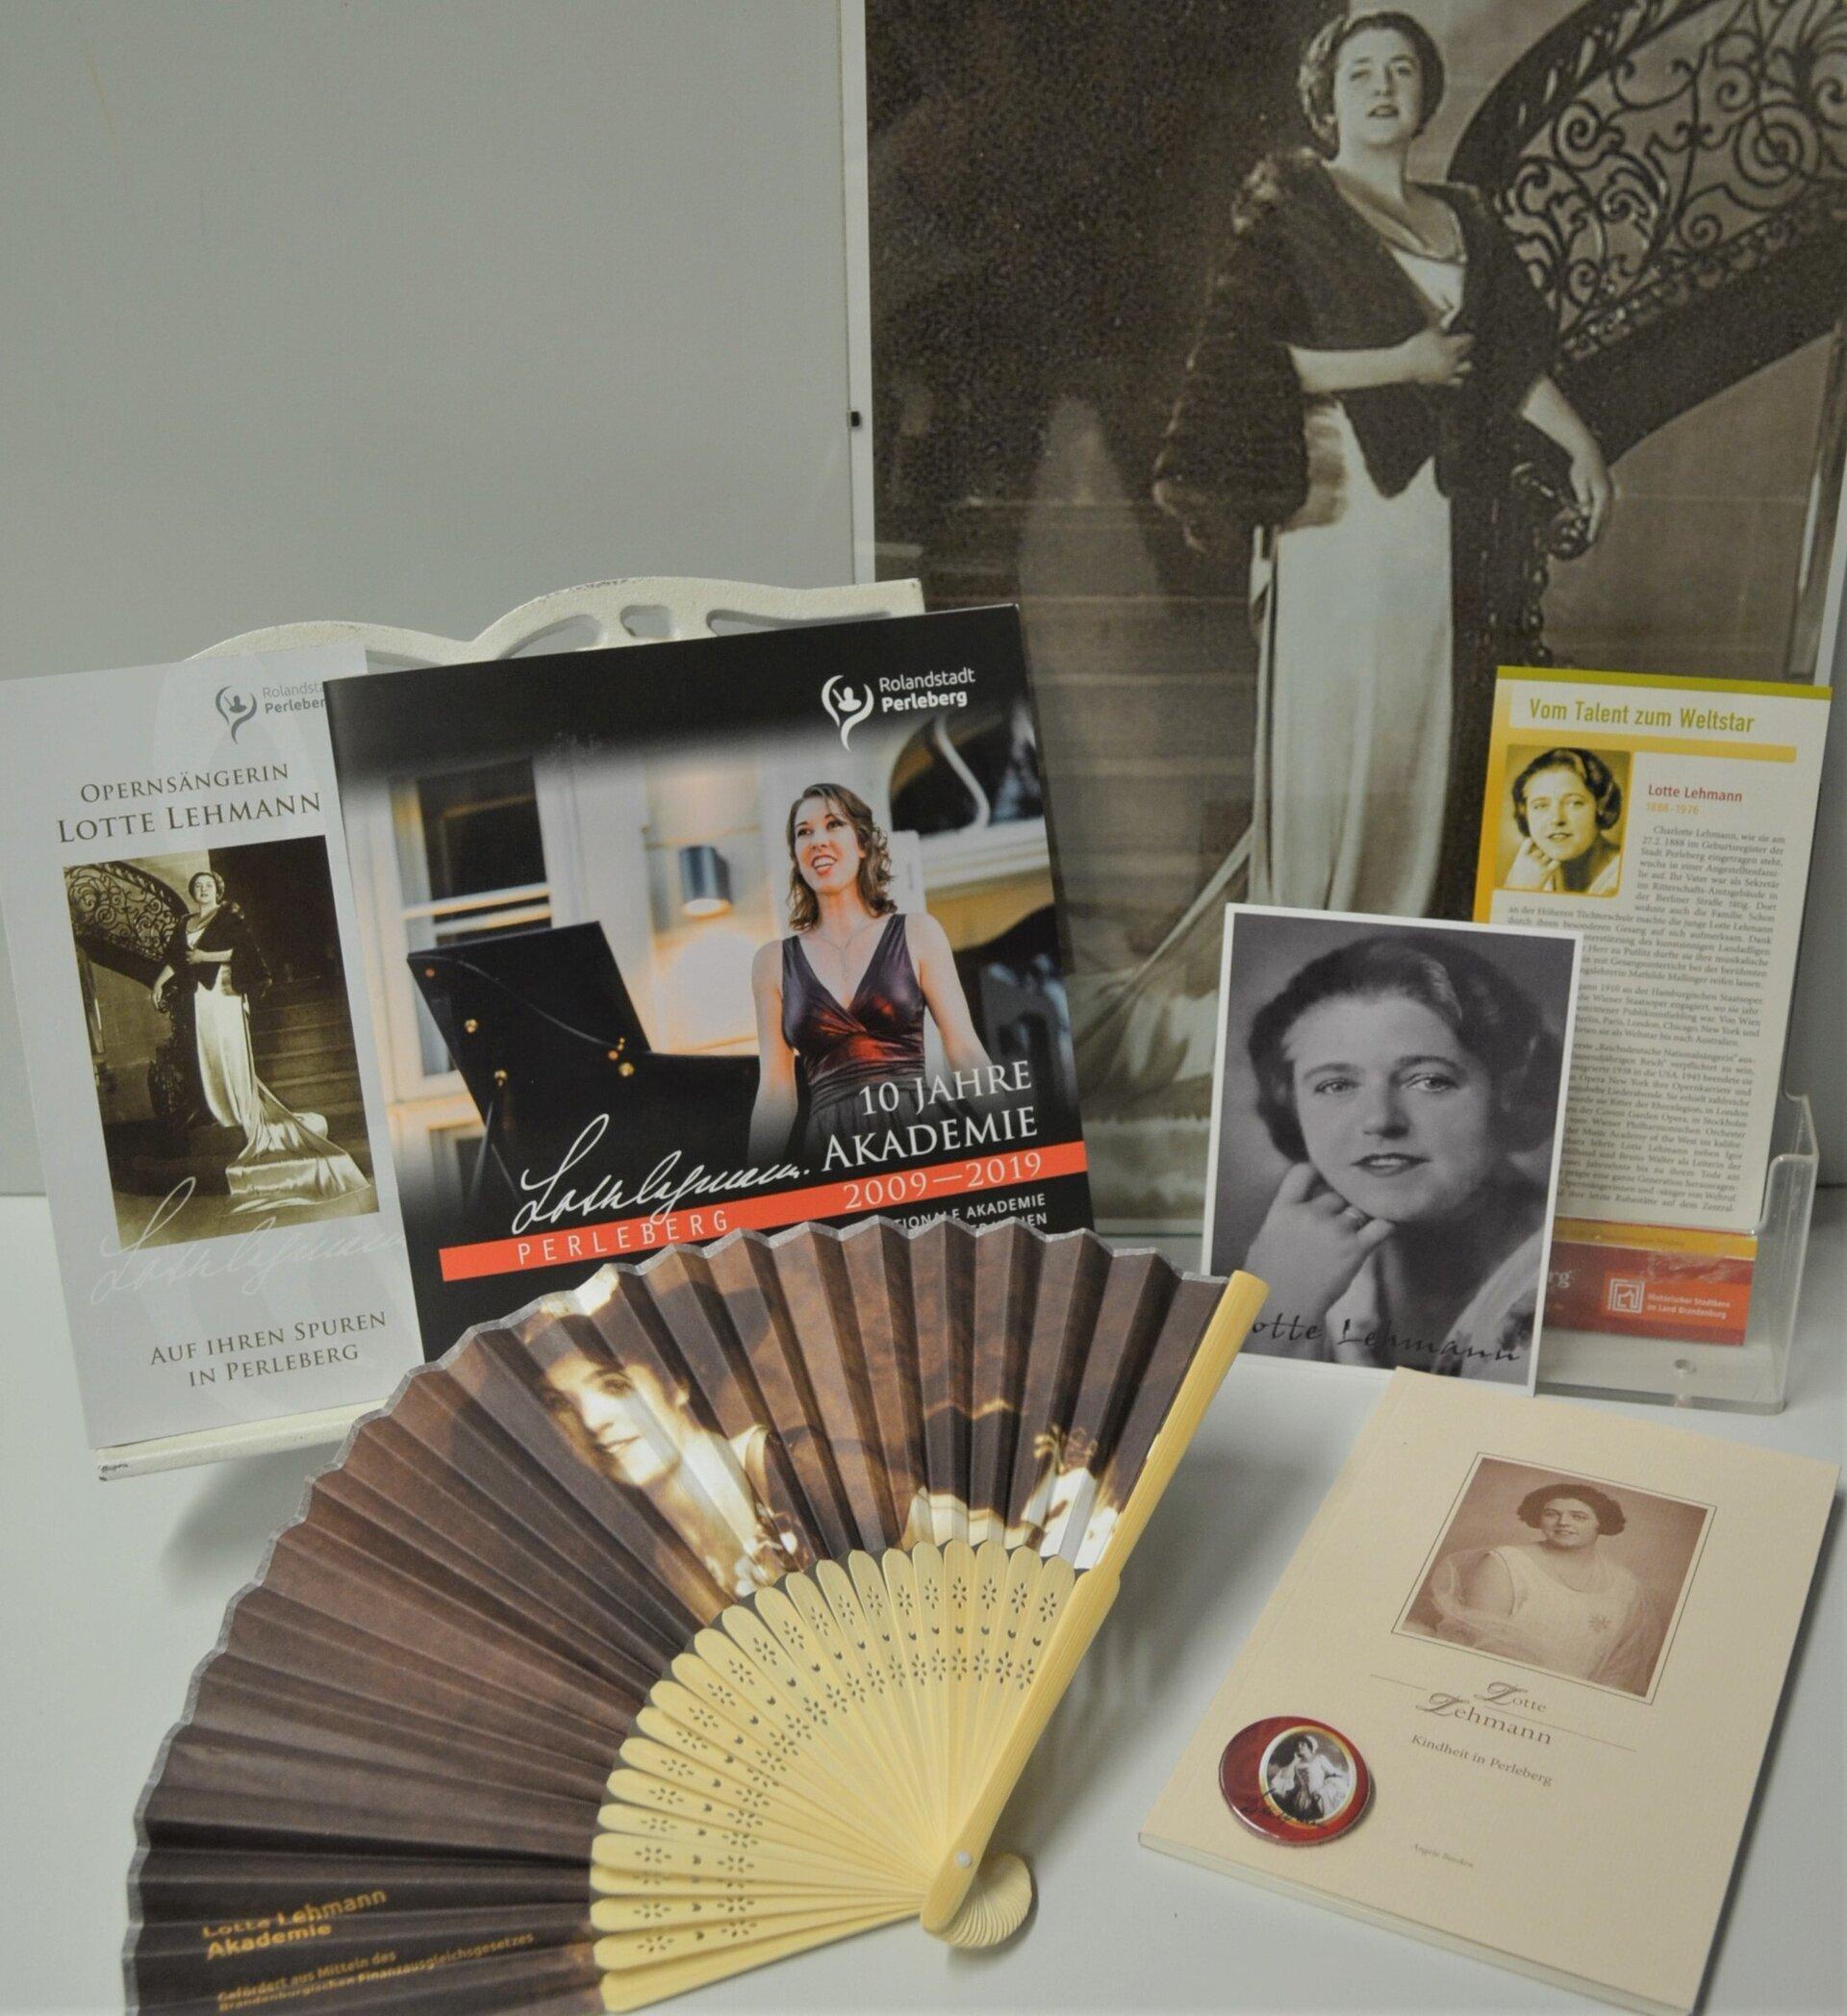 Lotte Lehmann Produkte der Stadt Perleberg